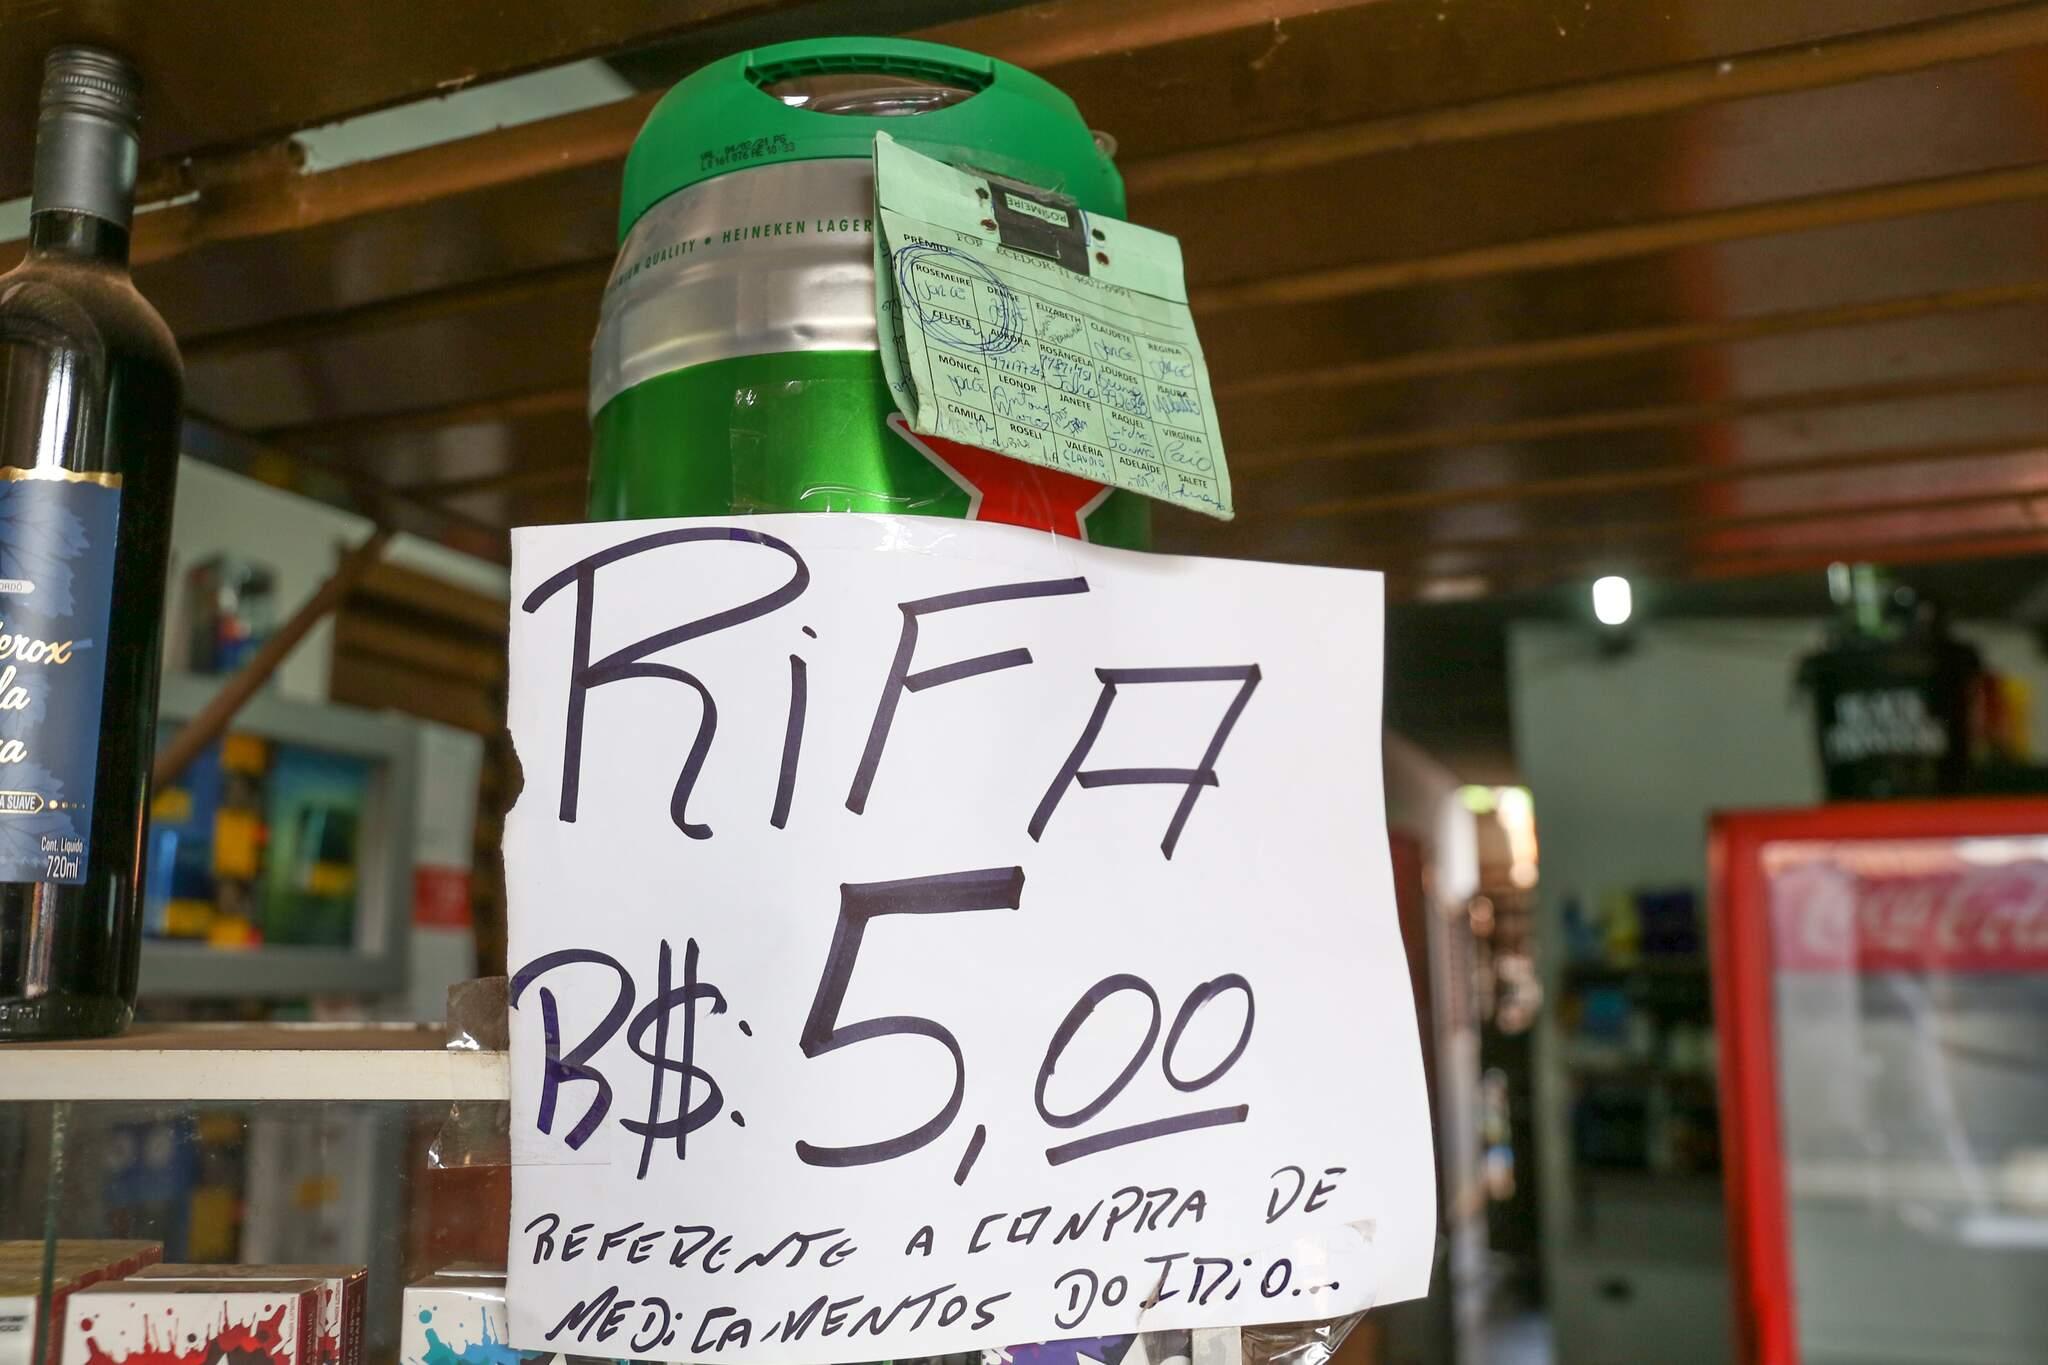 Rifa recente feita por Matheus para comprar remédio do filho. (Foto: Paulo Francis)